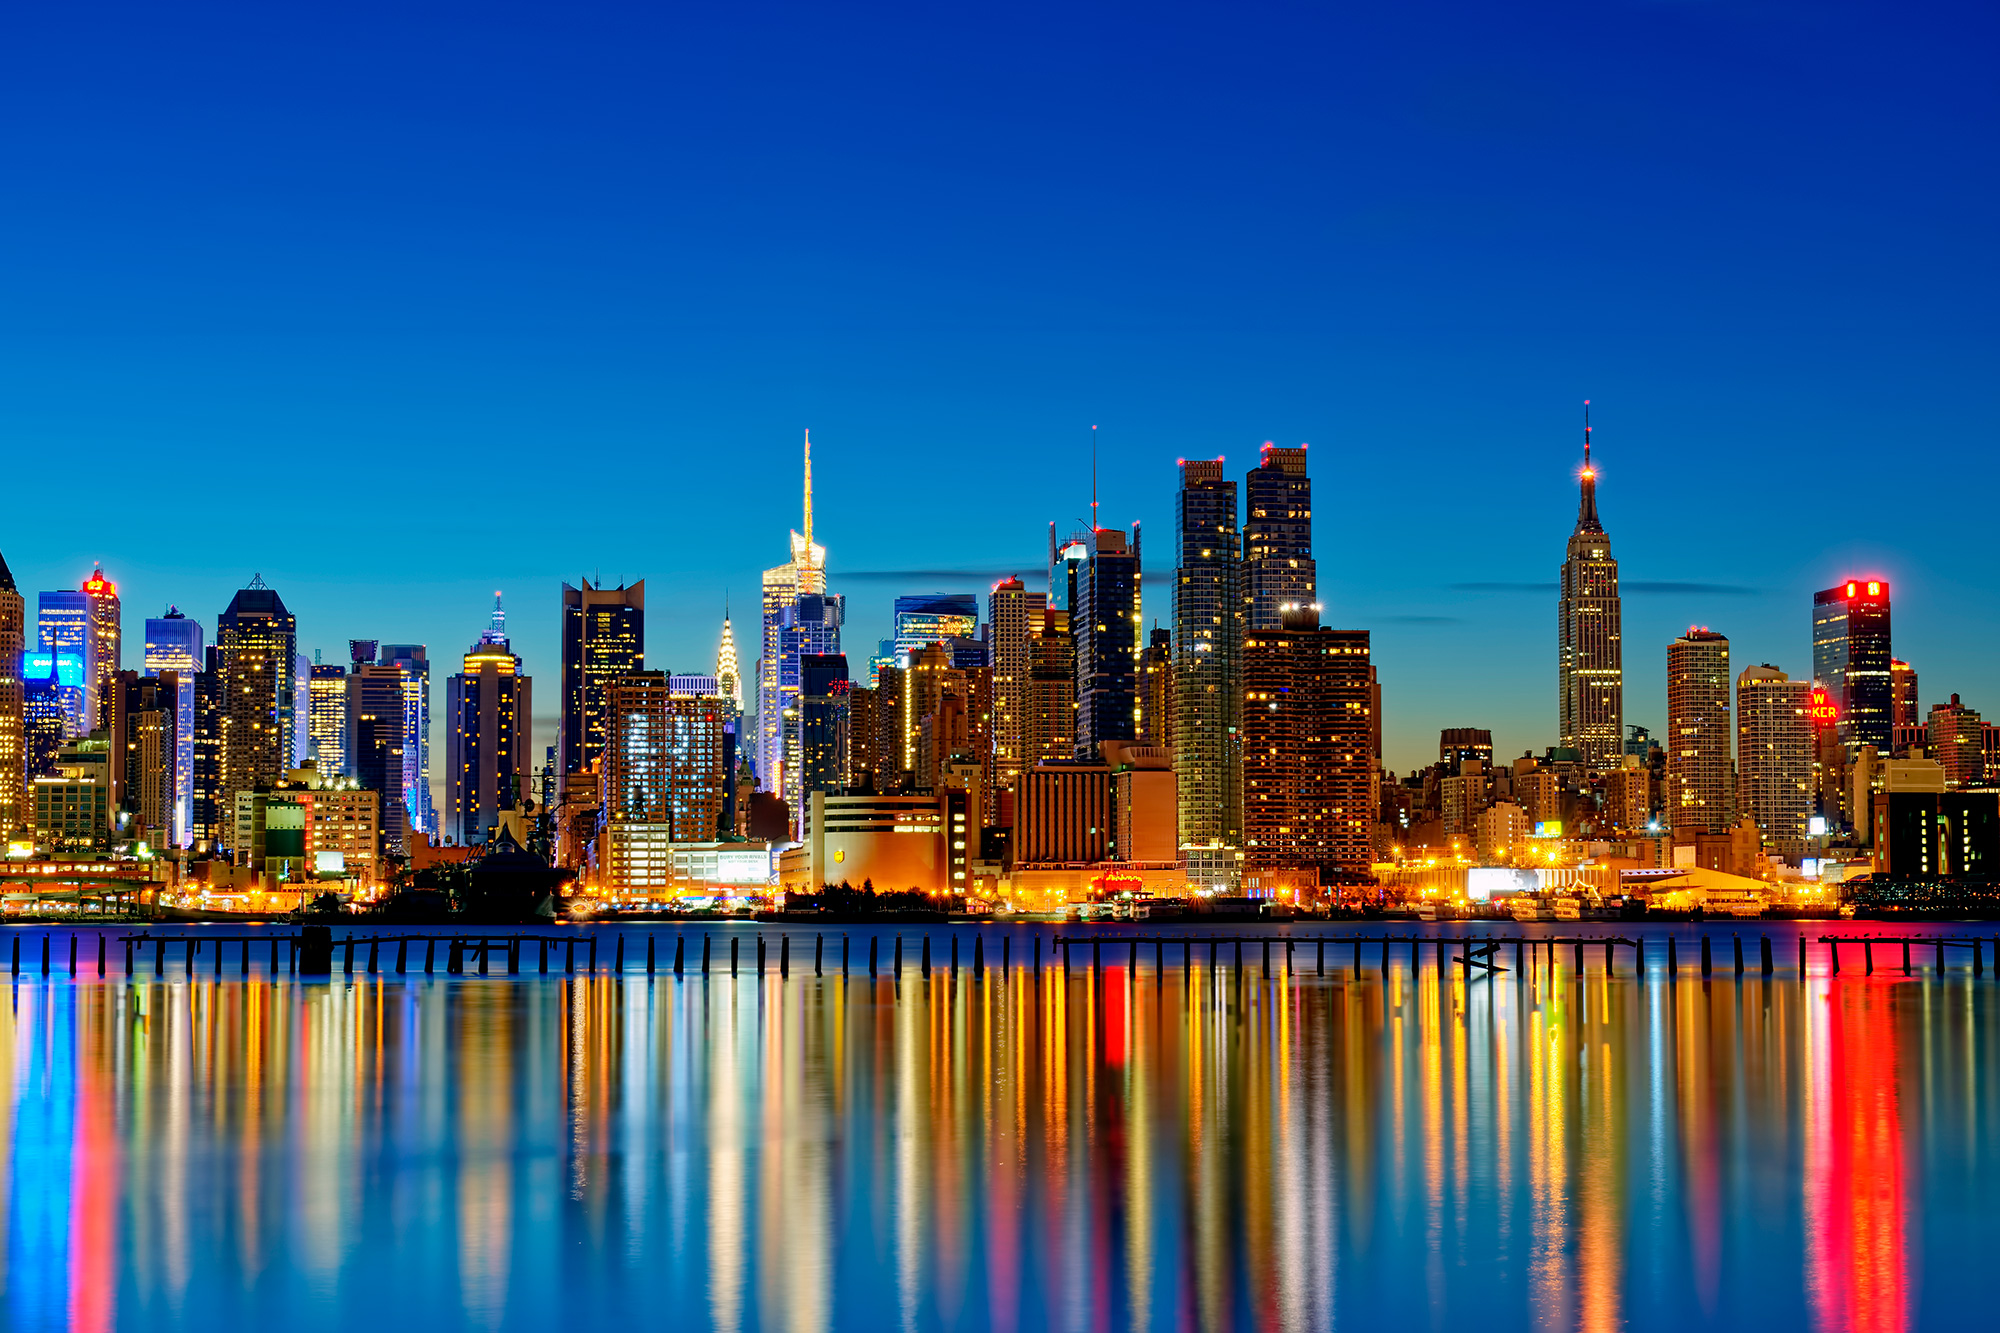 Du Lịch Bờ Đông Mỹ: New York - Philadelphia - Washington Dc Từ Tháng 11 - Tháng 4